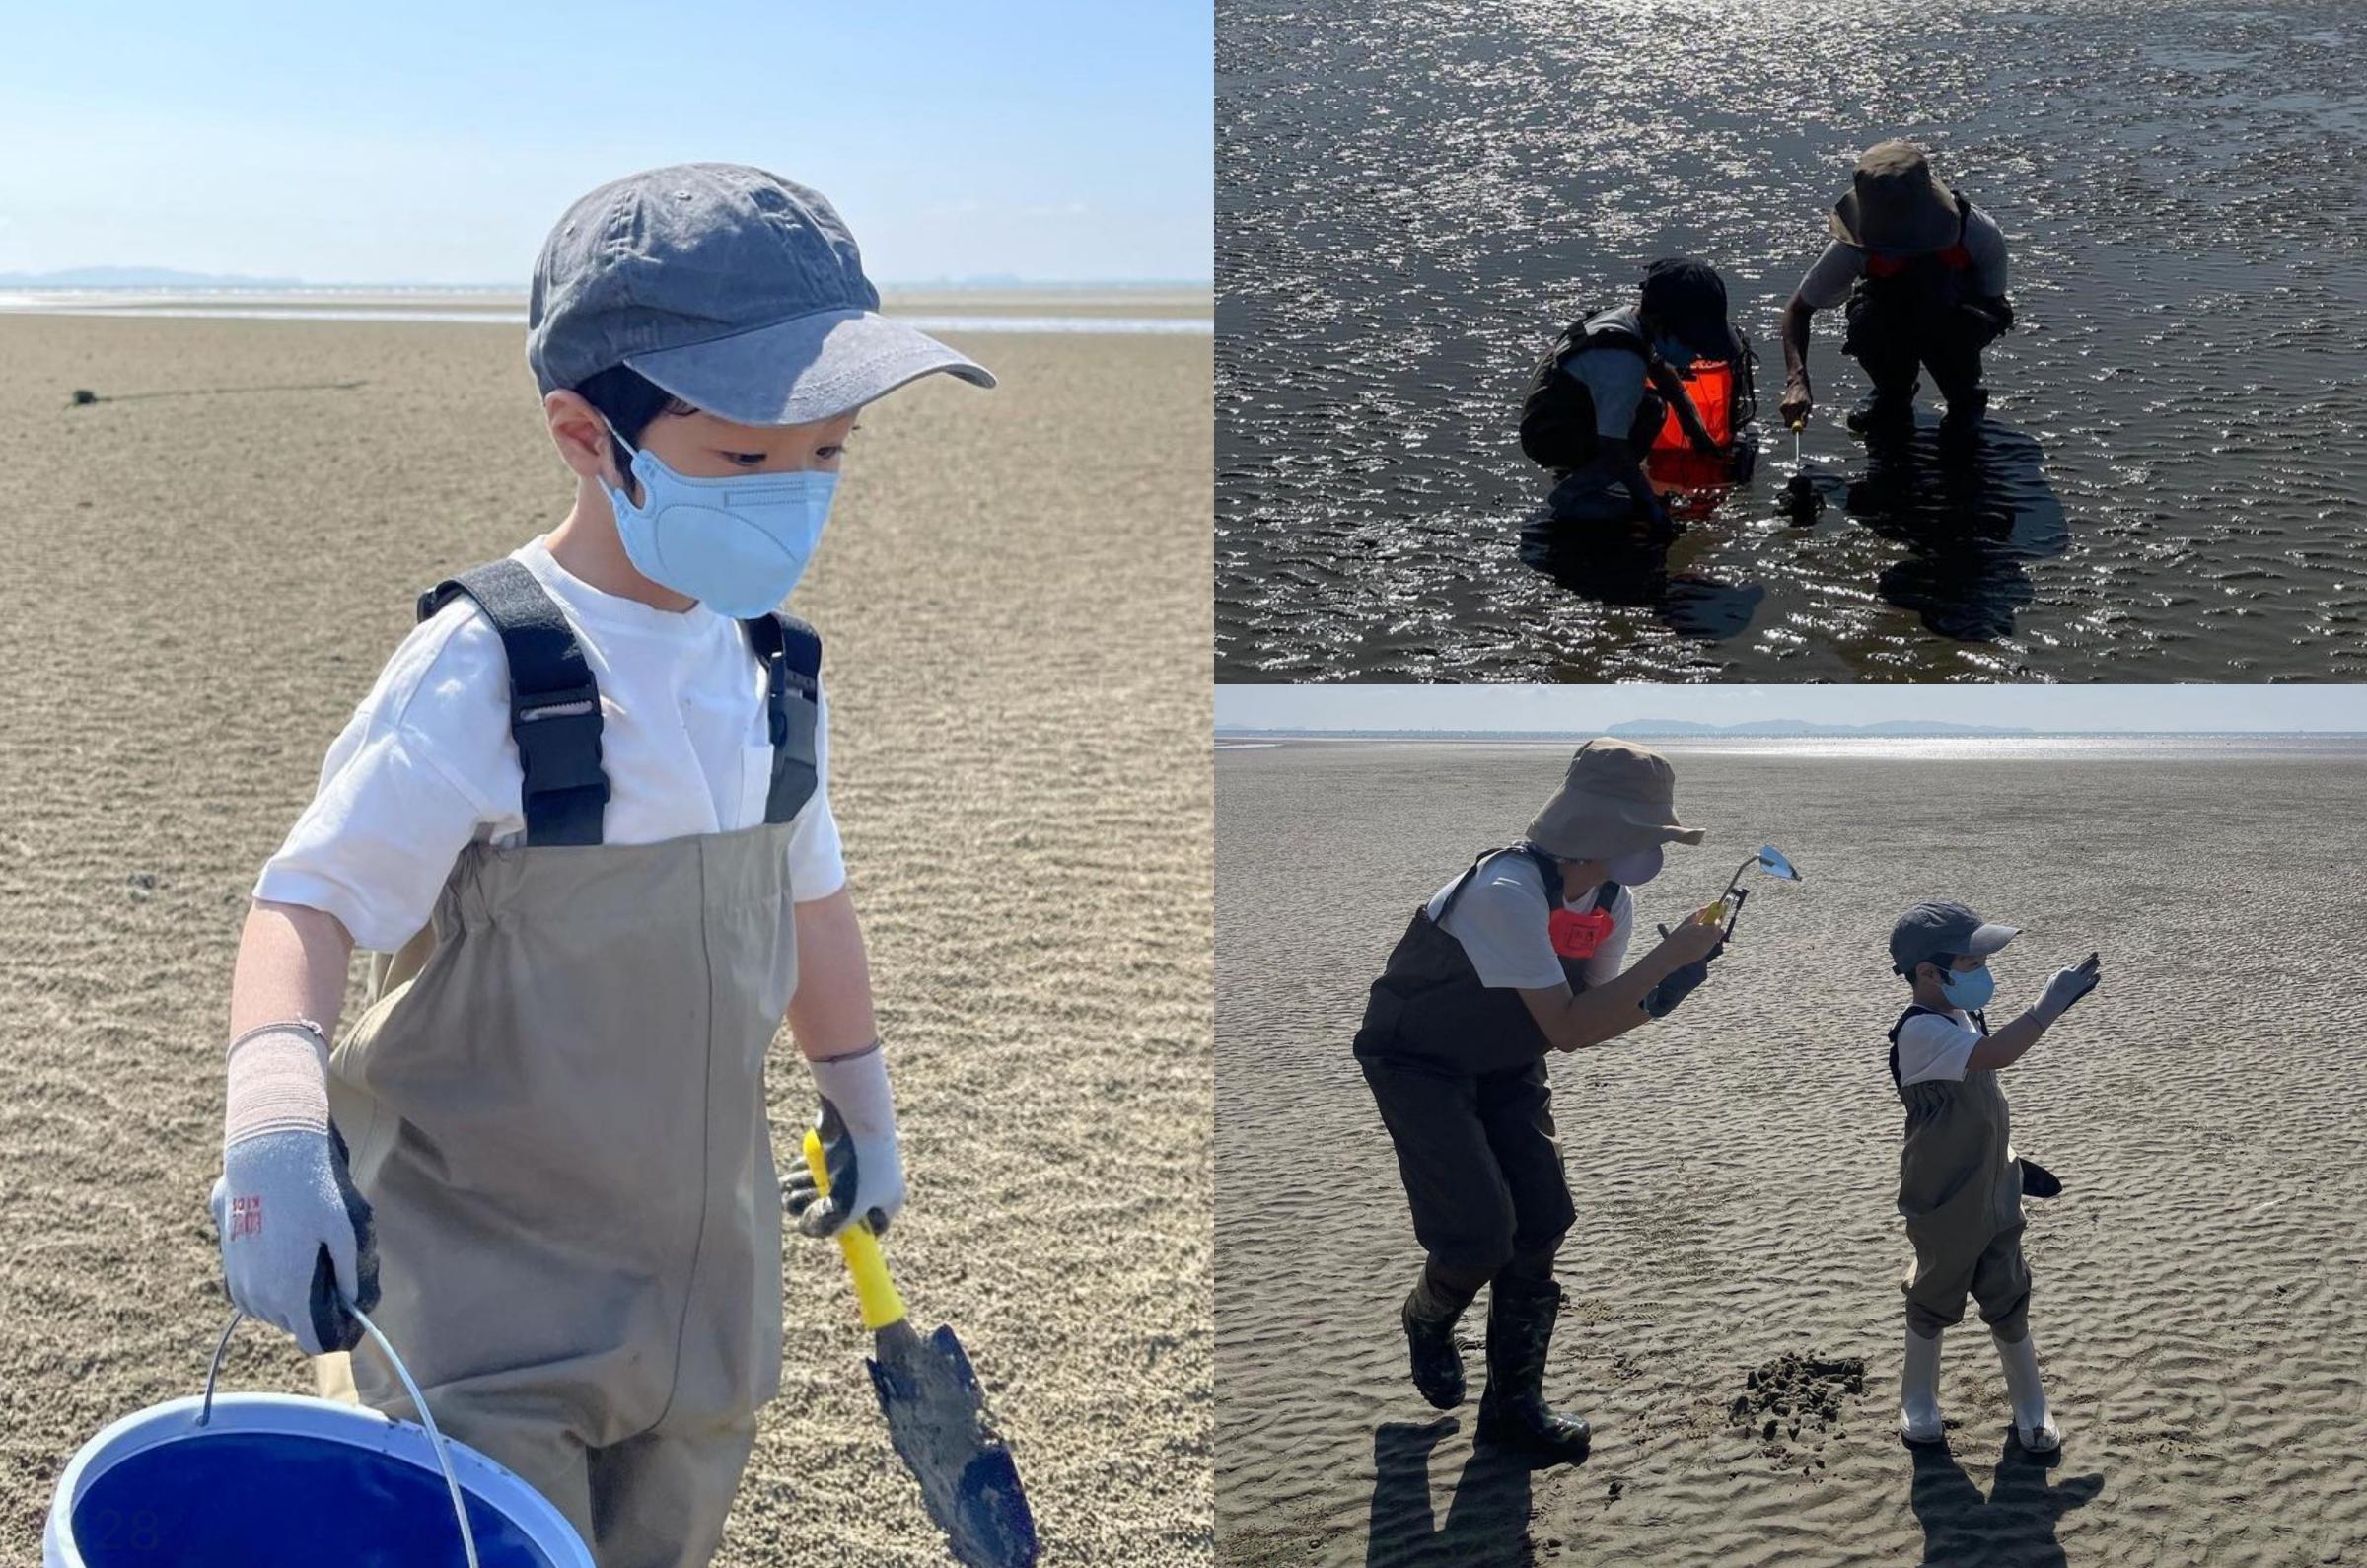 Chae Rim chia sẻ khoảnh khắc vui chơi trên biển cùng con. Ảnh: Instagram Chaelim_328